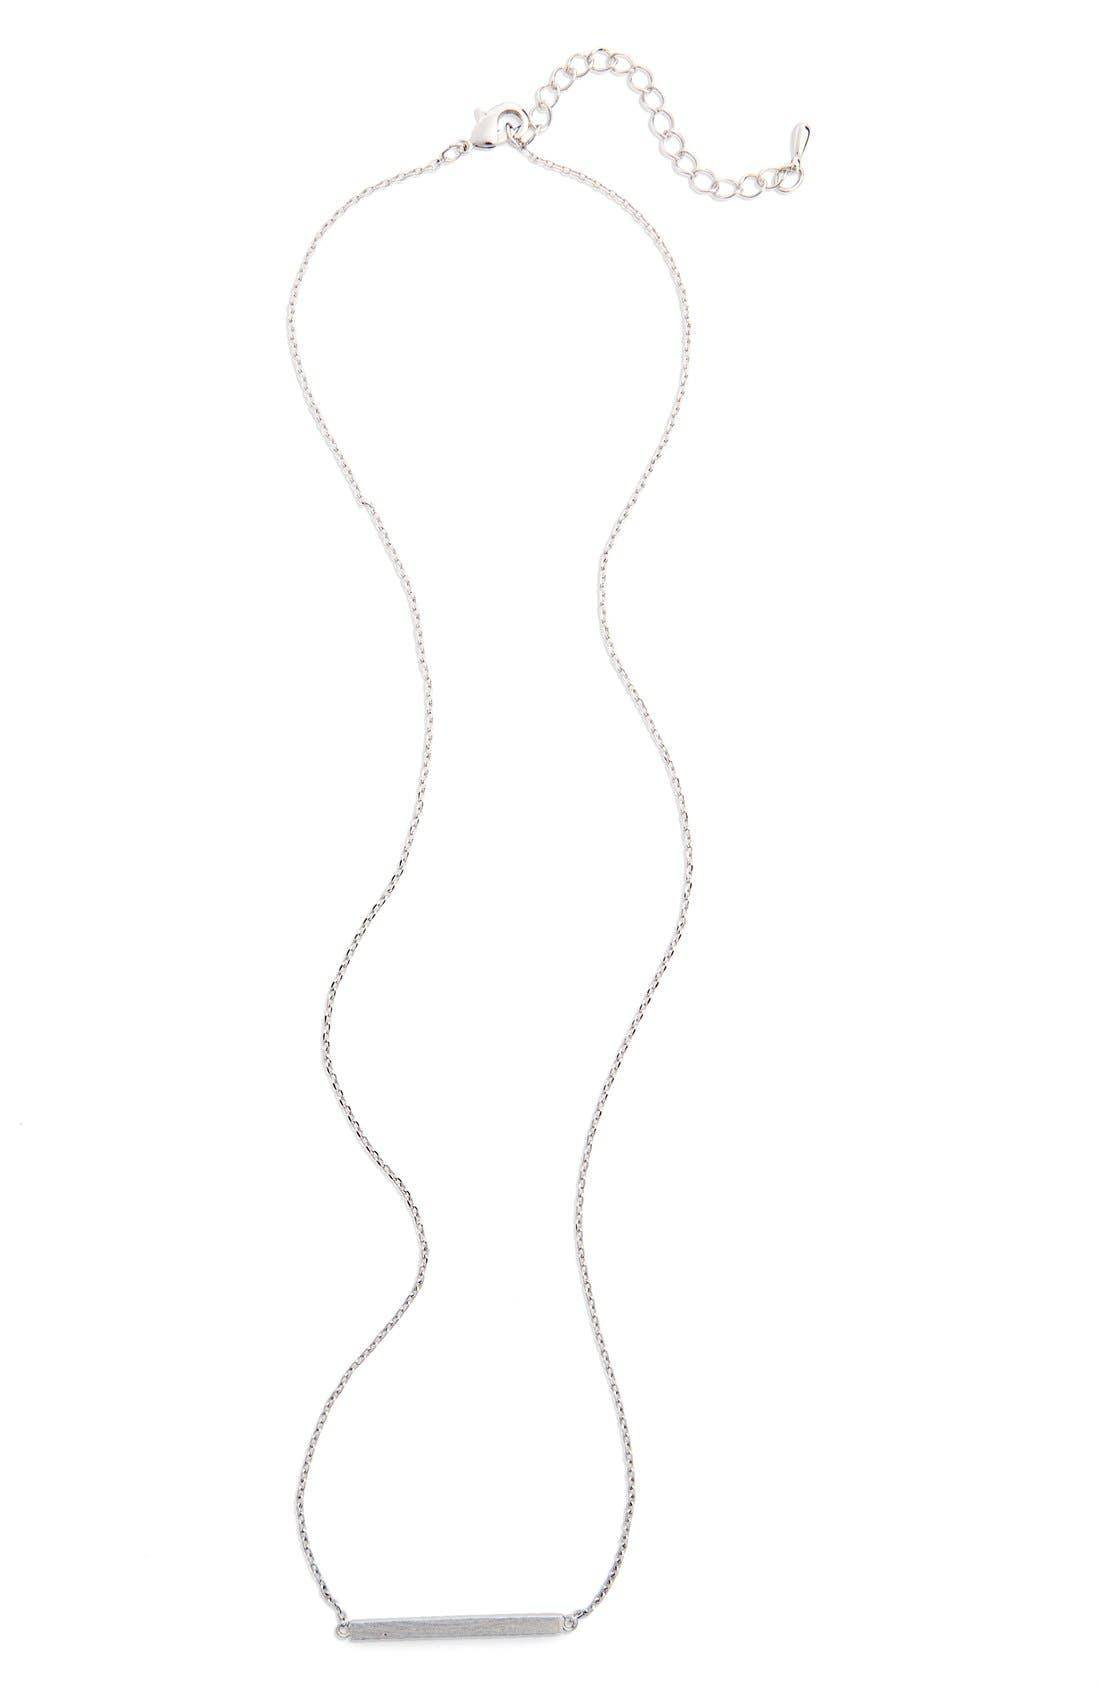 Bar Pendant Necklace,                             Main thumbnail 1, color,                             040